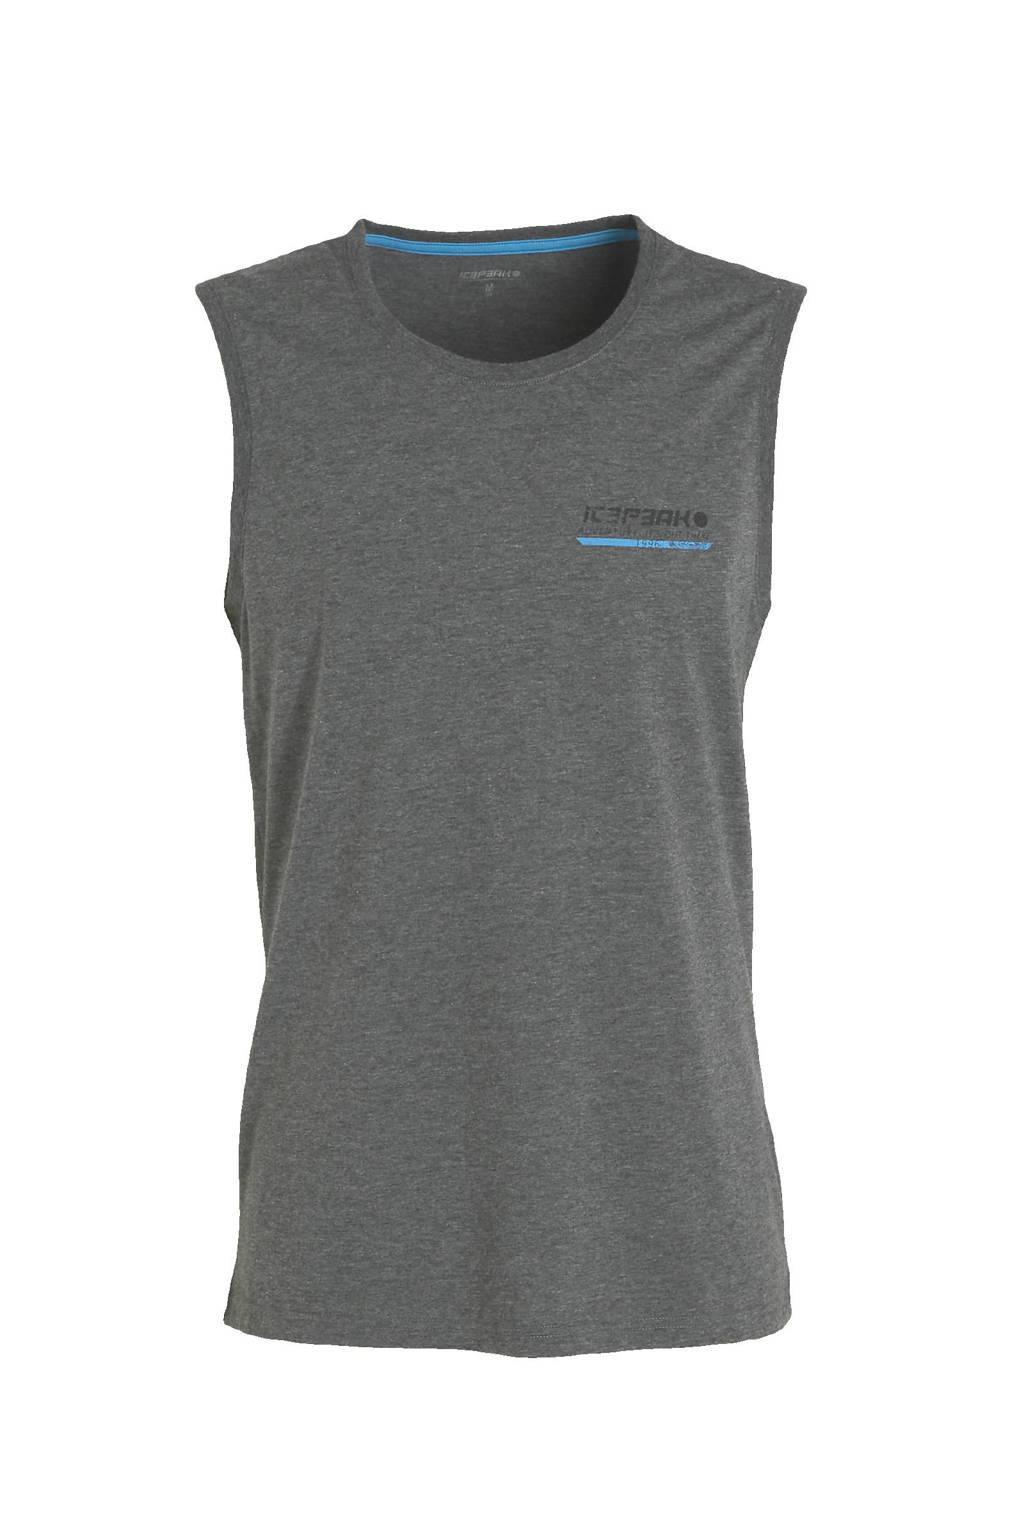 Icepeak T-shirt Mikado grijs, Grijs